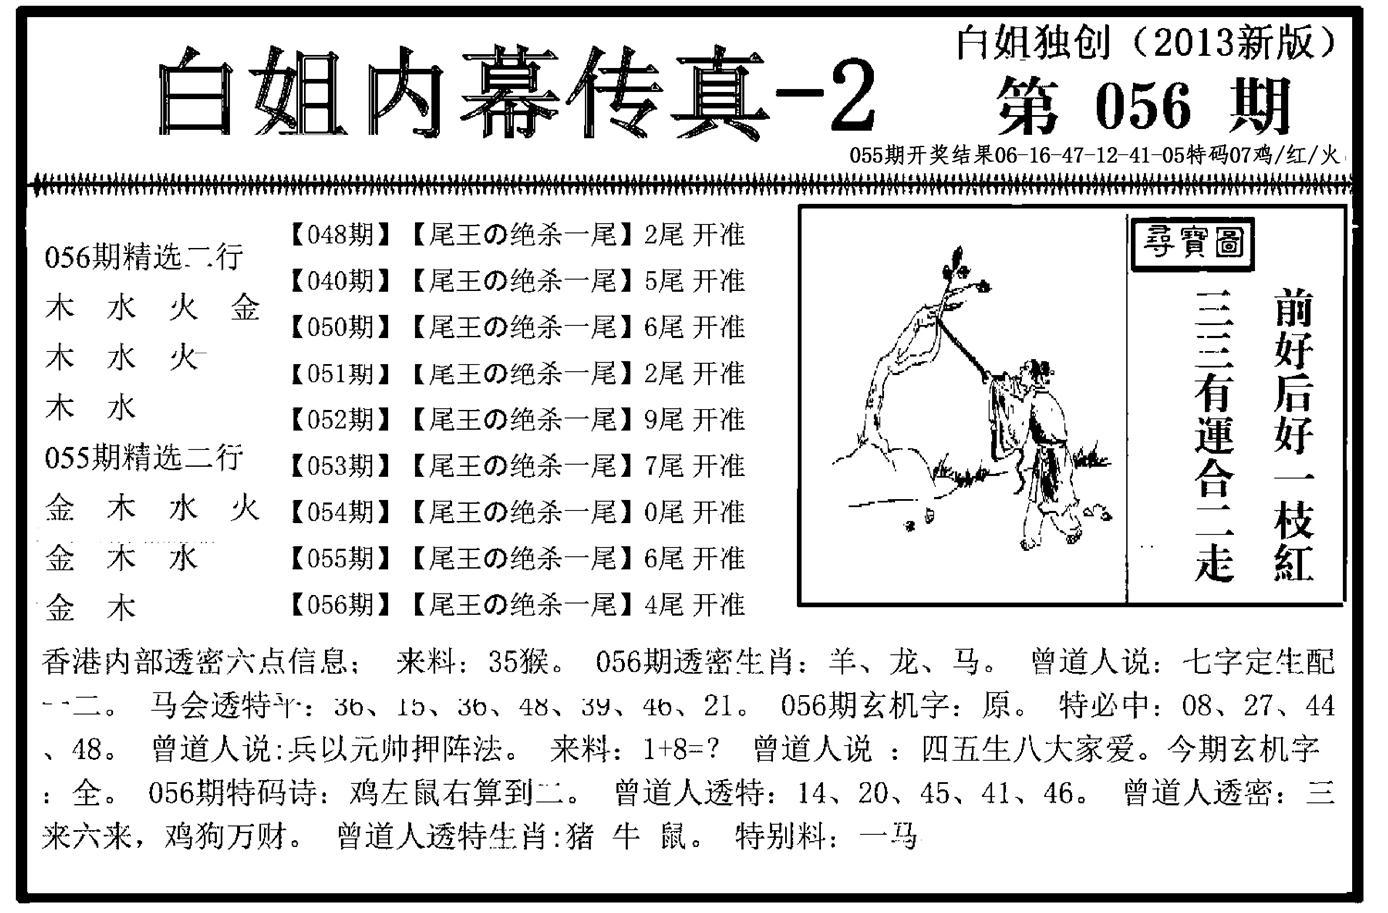 056期白姐内幕传真-2(黑白)